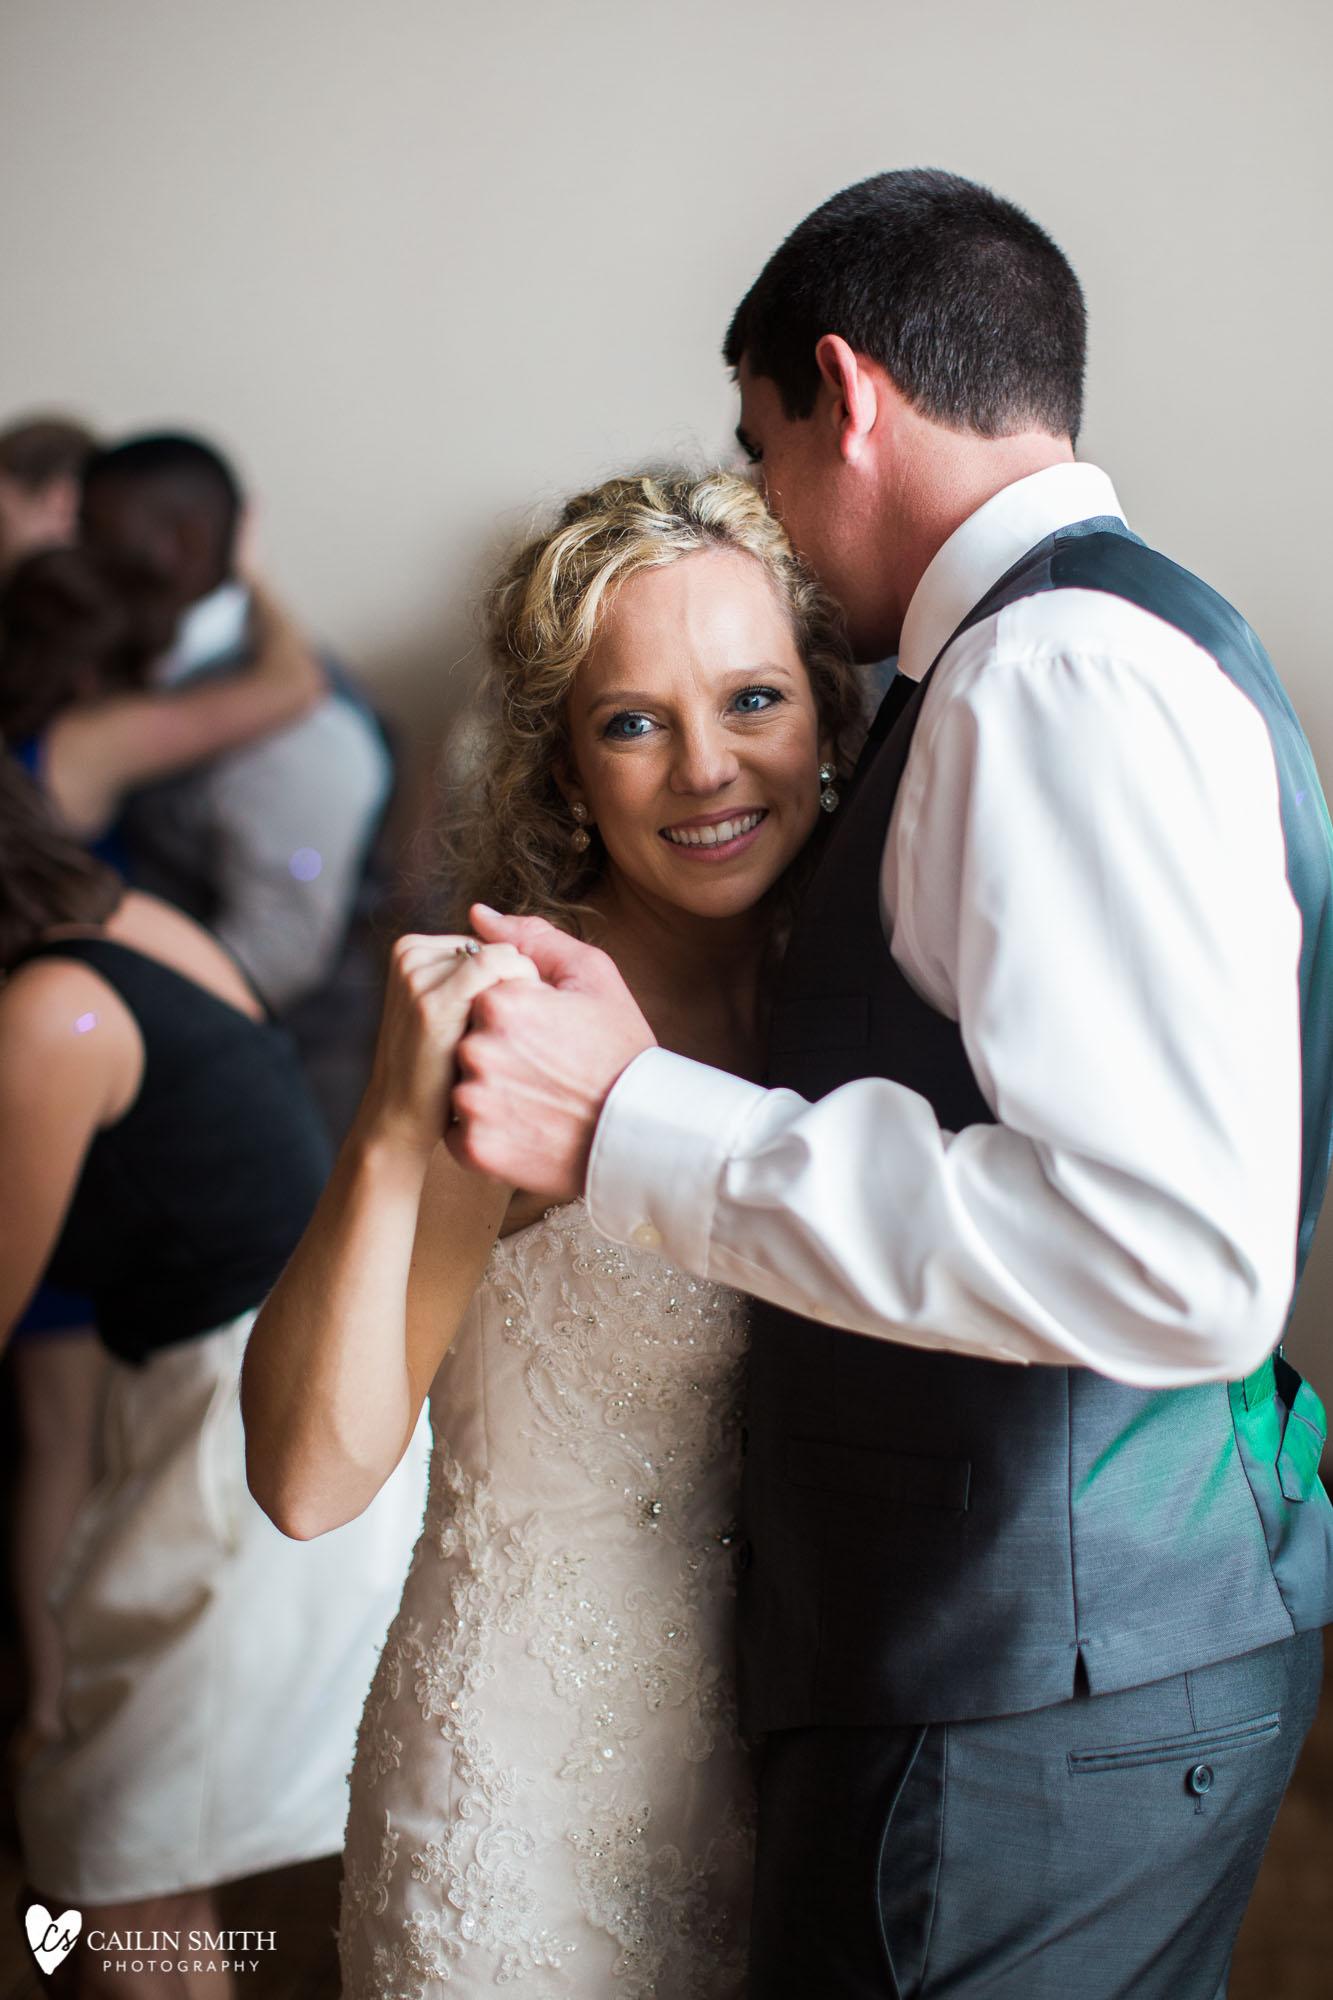 Leah_Major_St_Marys_Wedding_Photography_123.jpg